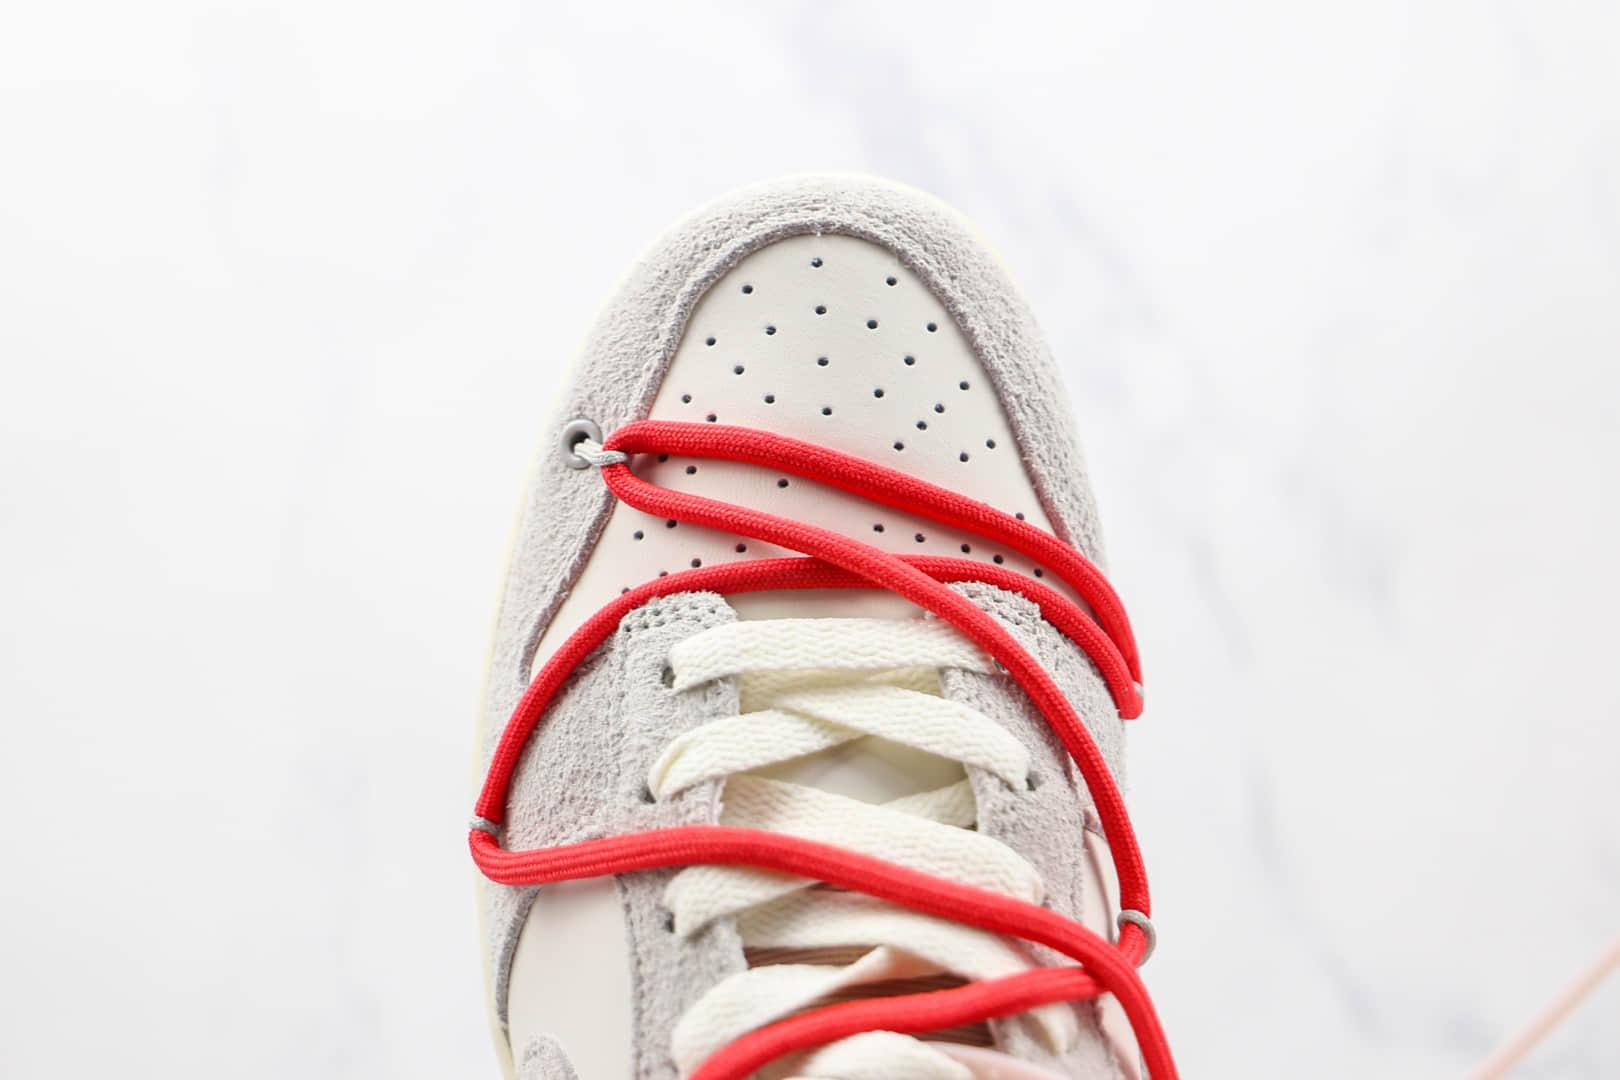 耐克Nike Dunk Low 50 x Off White联名款纯原版本低帮DUNK灰白红色麂皮黑标板鞋原盒原标 货号:DJ0950-118